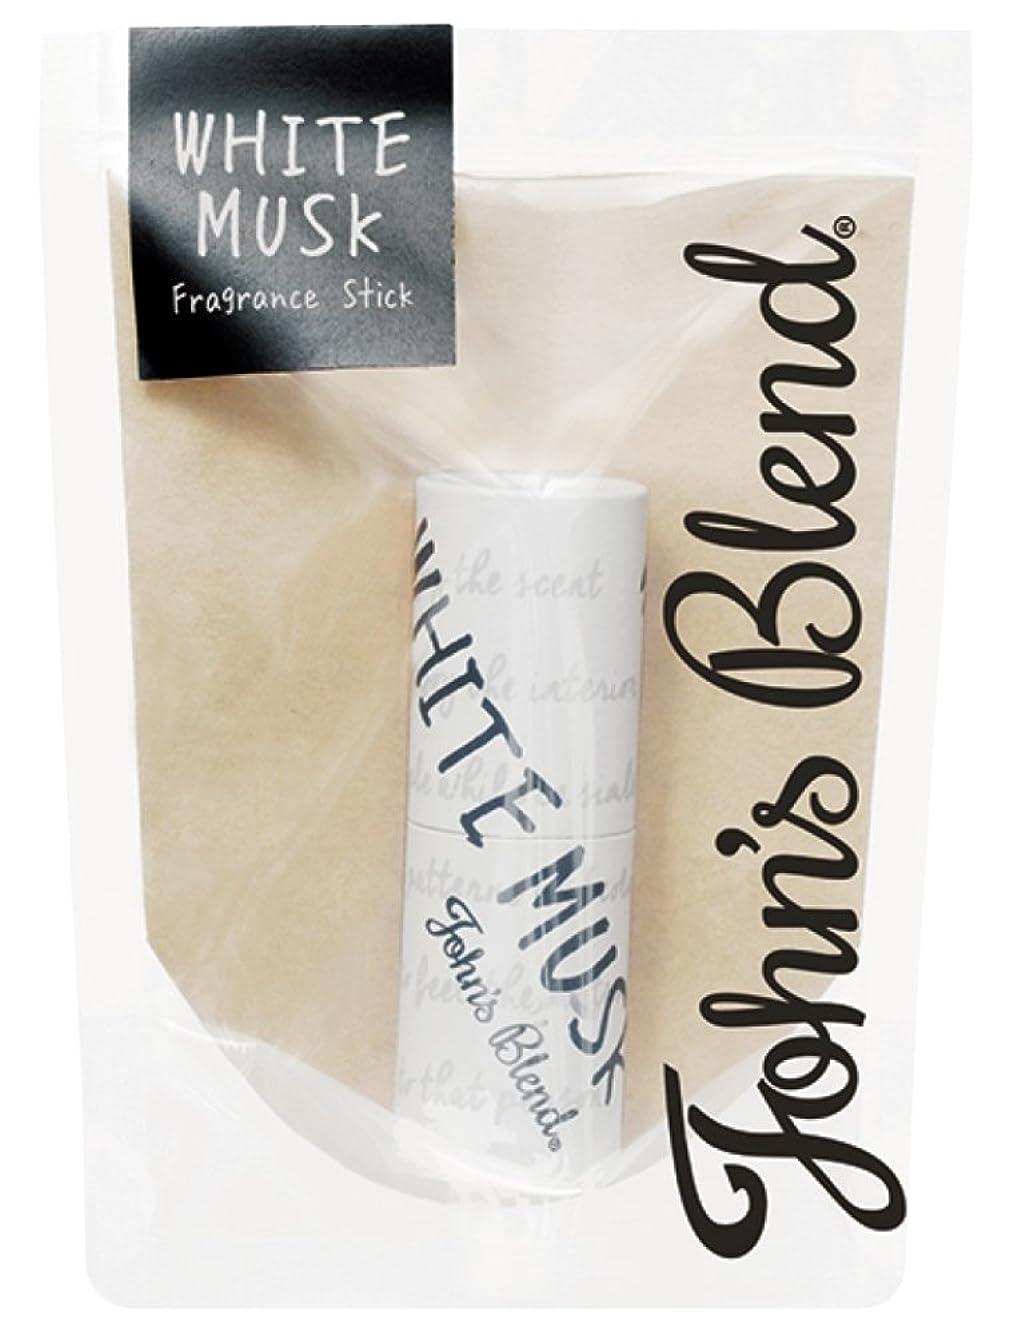 接ぎ木印象的小屋ノルコーポレーション John's Blend 練り香水 フレグランススティック OZ-JOD-3-1 ホワイトムスクの香り 3.5g